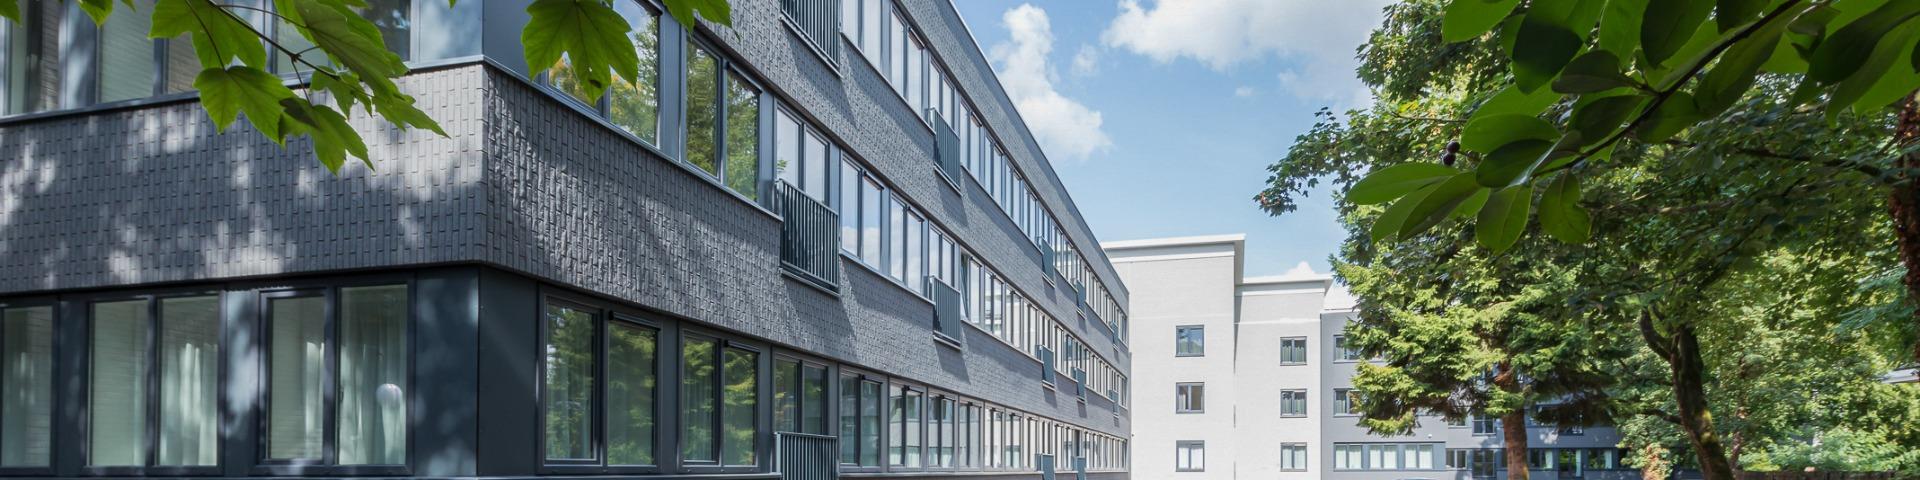 exterior of building Lorentz in Zeist